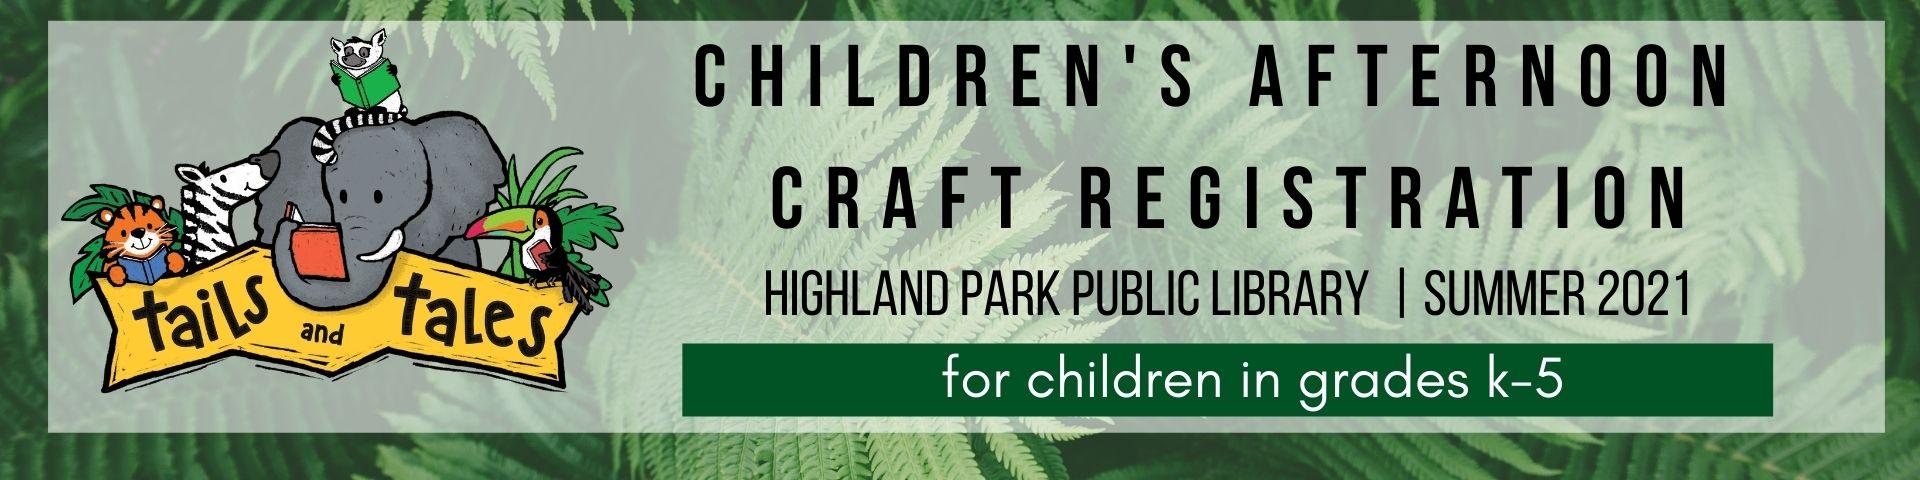 Children's Afternoon Craft Registration Summer 2021 for Children in grades k through 5